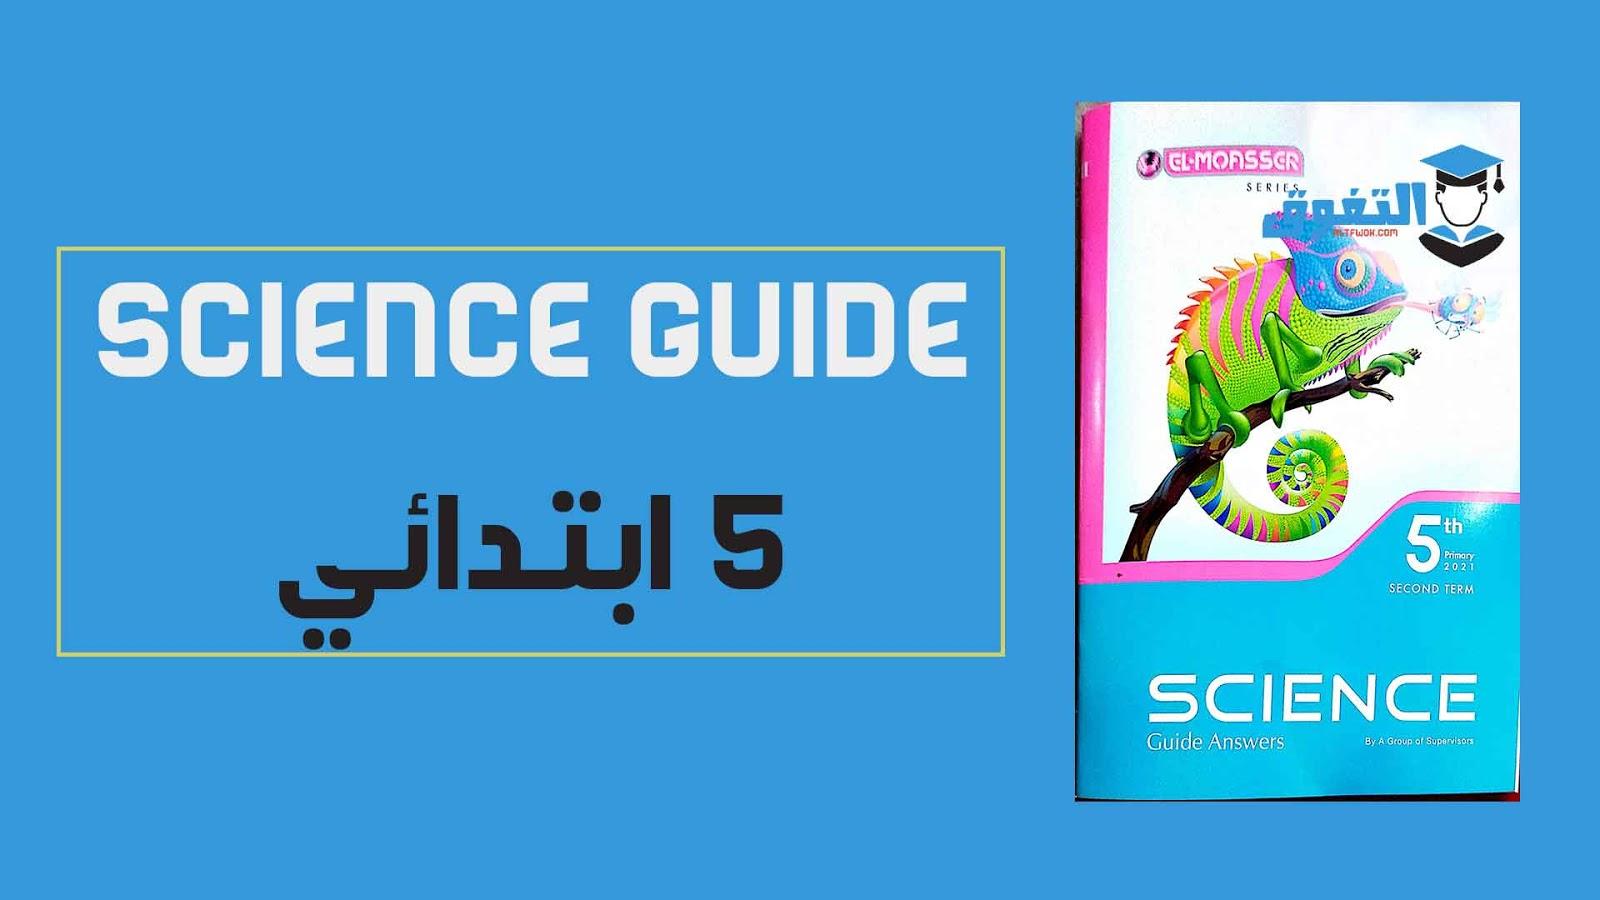 تحميل اجابات كتاب المعاصر ساينس science الصف الخامس الابتدائي الترم الثانى 2021 pdf